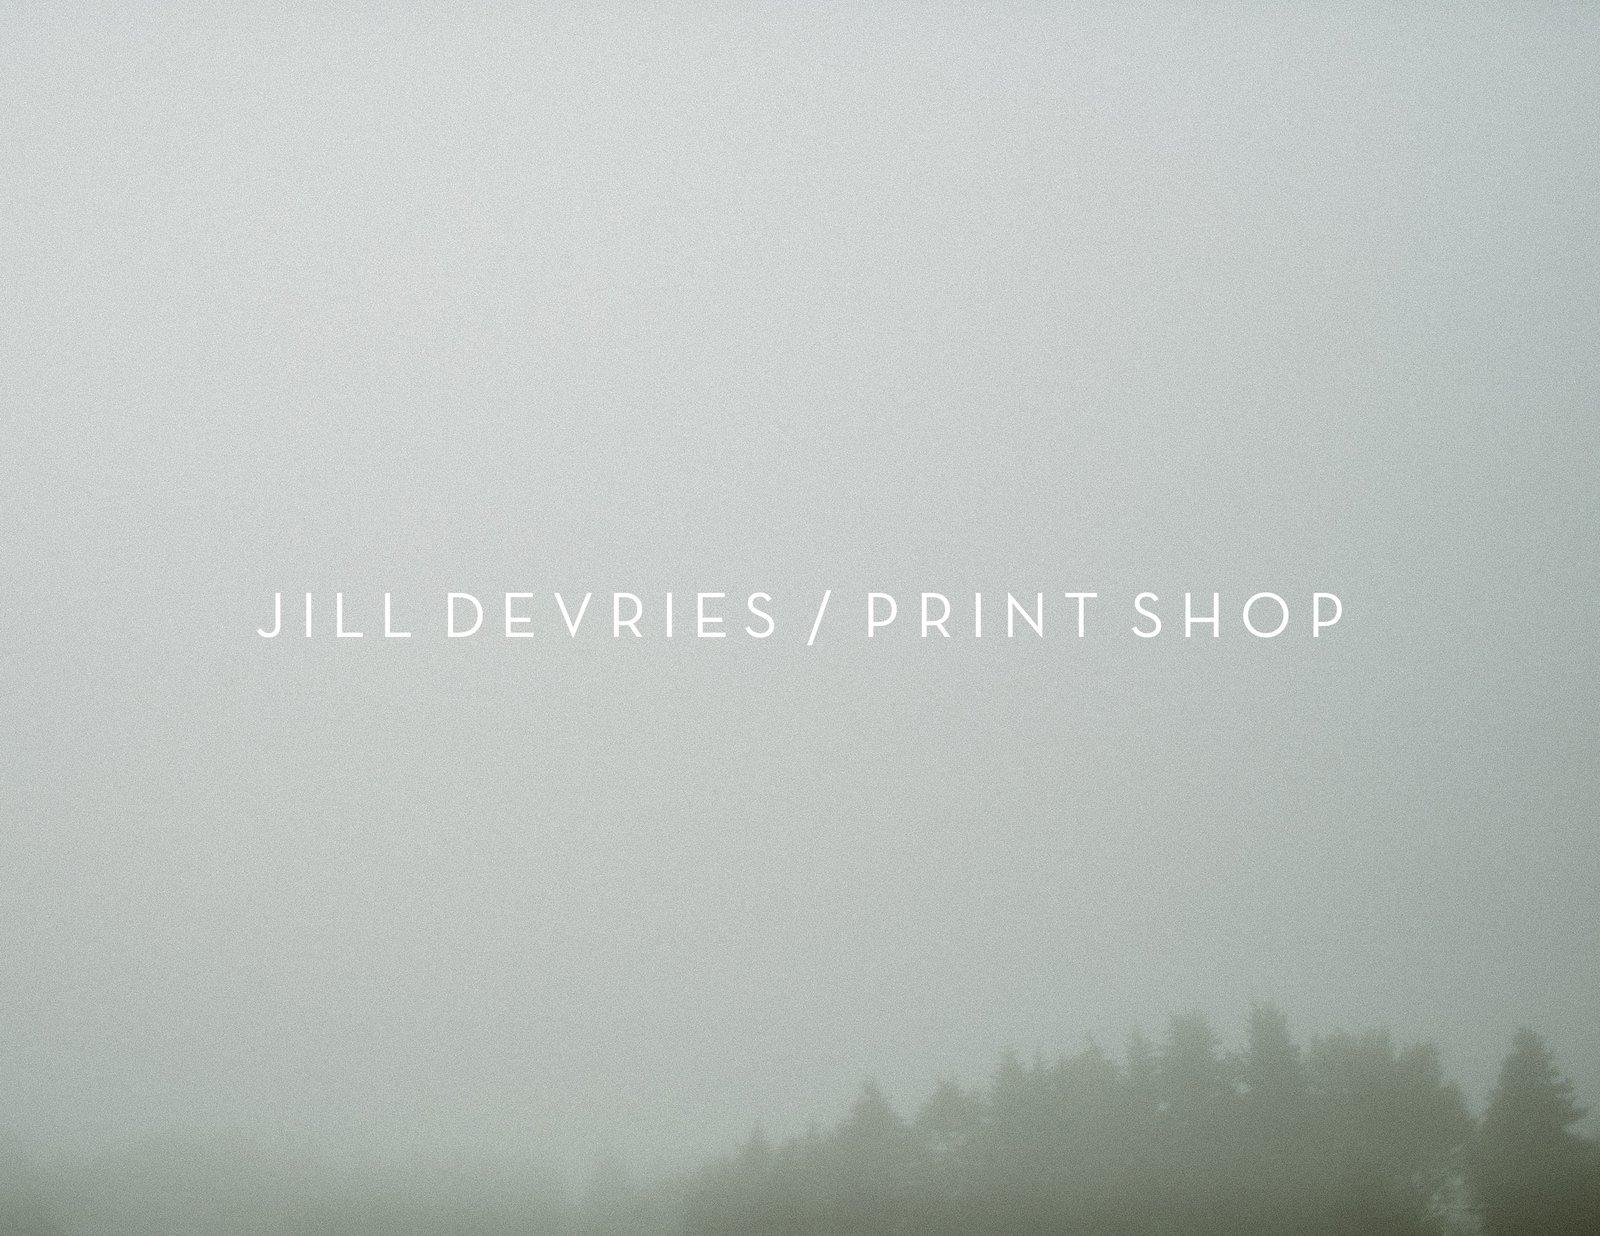 Jill DeVries